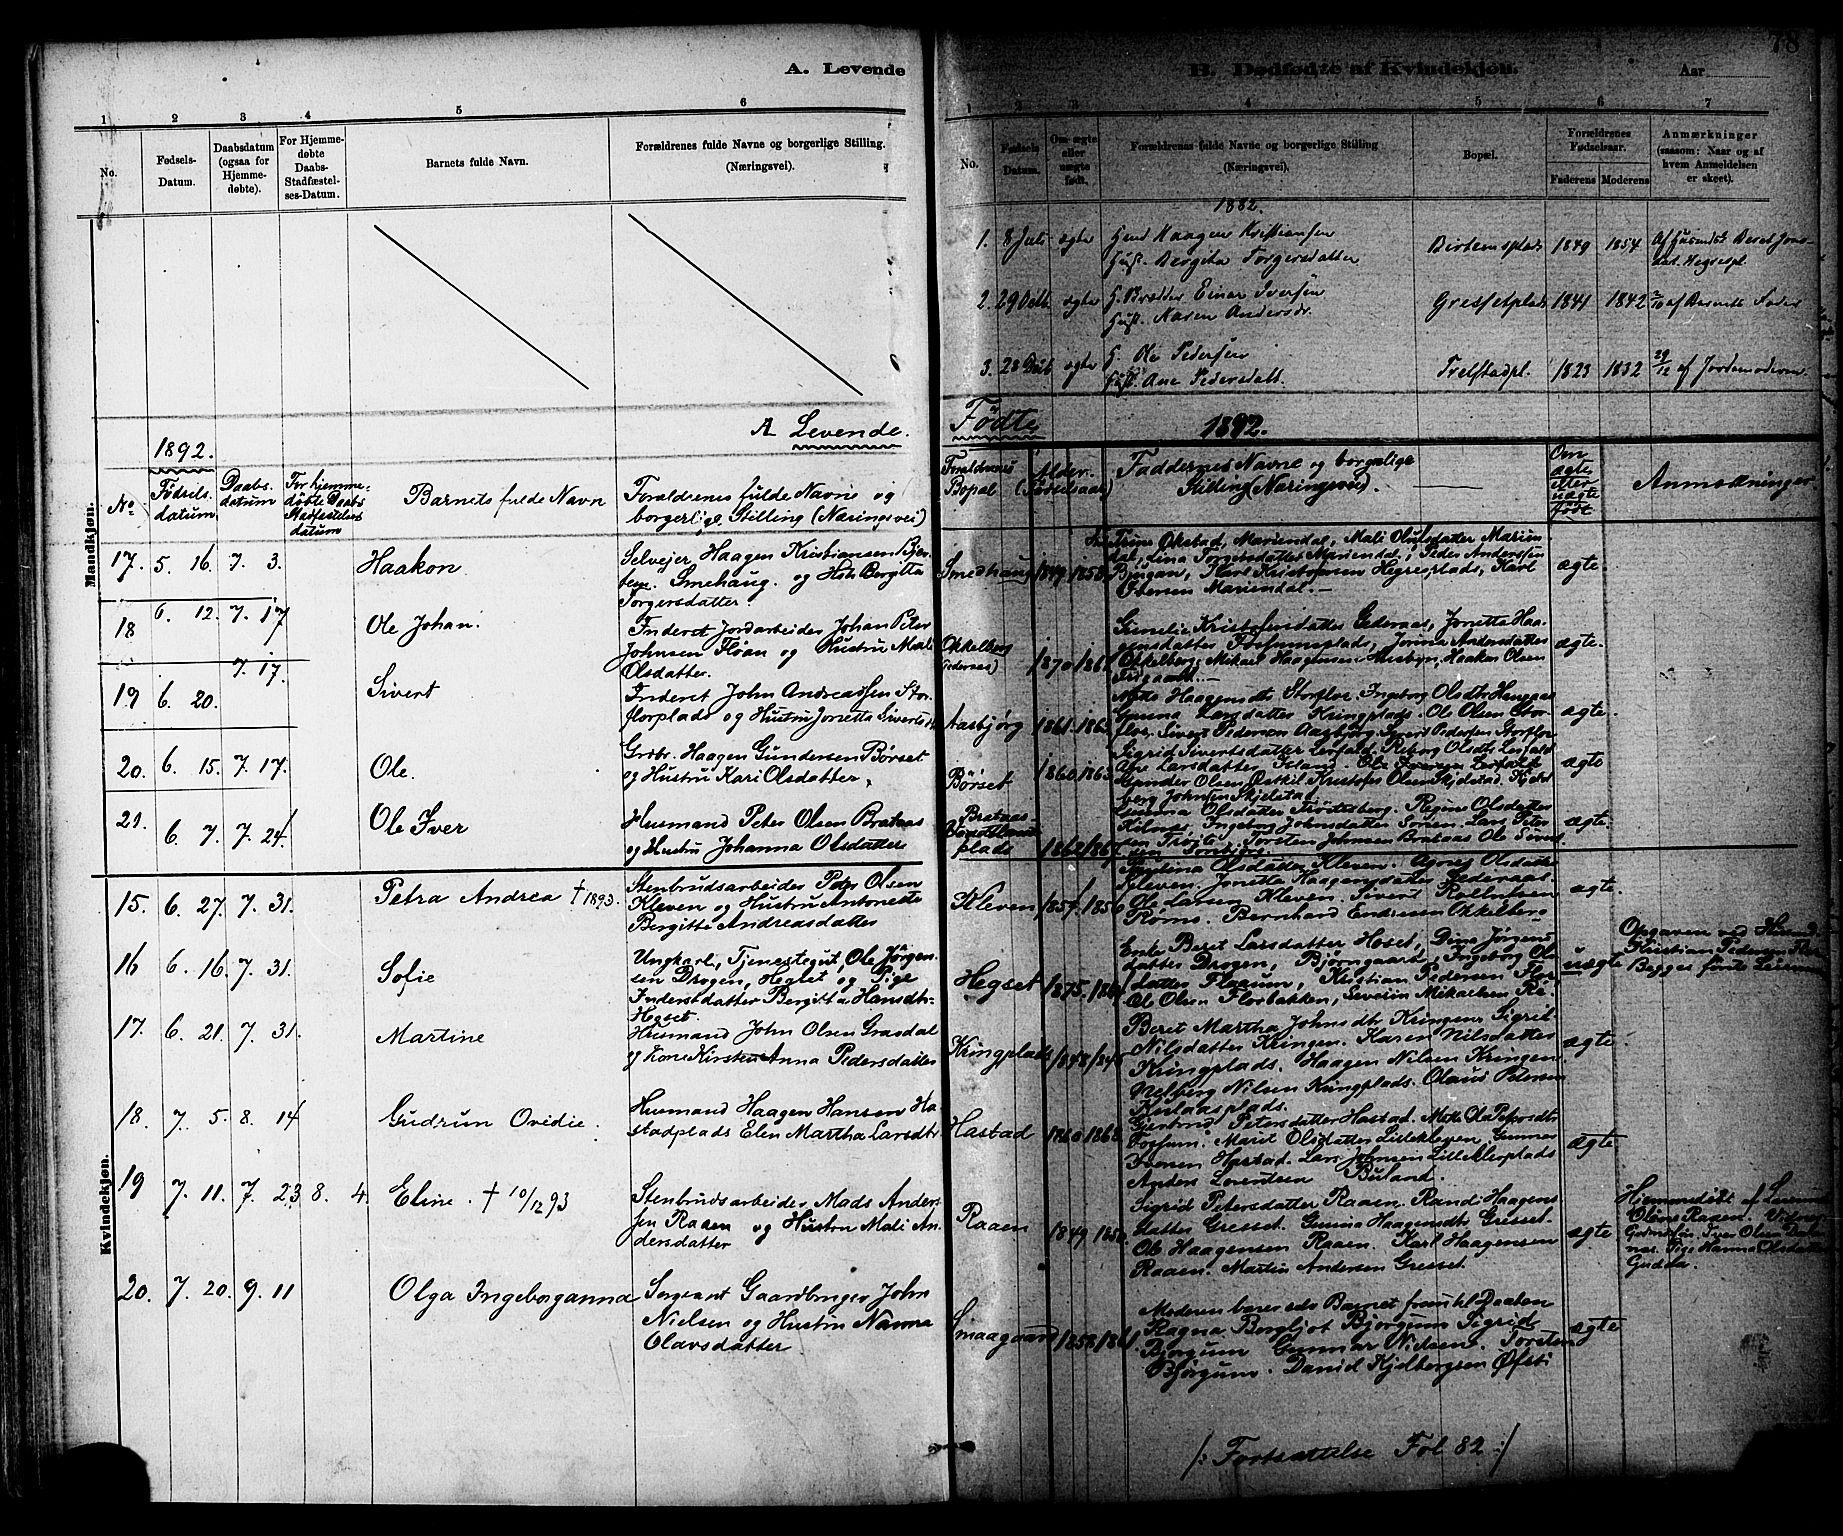 SAT, Ministerialprotokoller, klokkerbøker og fødselsregistre - Nord-Trøndelag, 703/L0030: Ministerialbok nr. 703A03, 1880-1892, s. 78